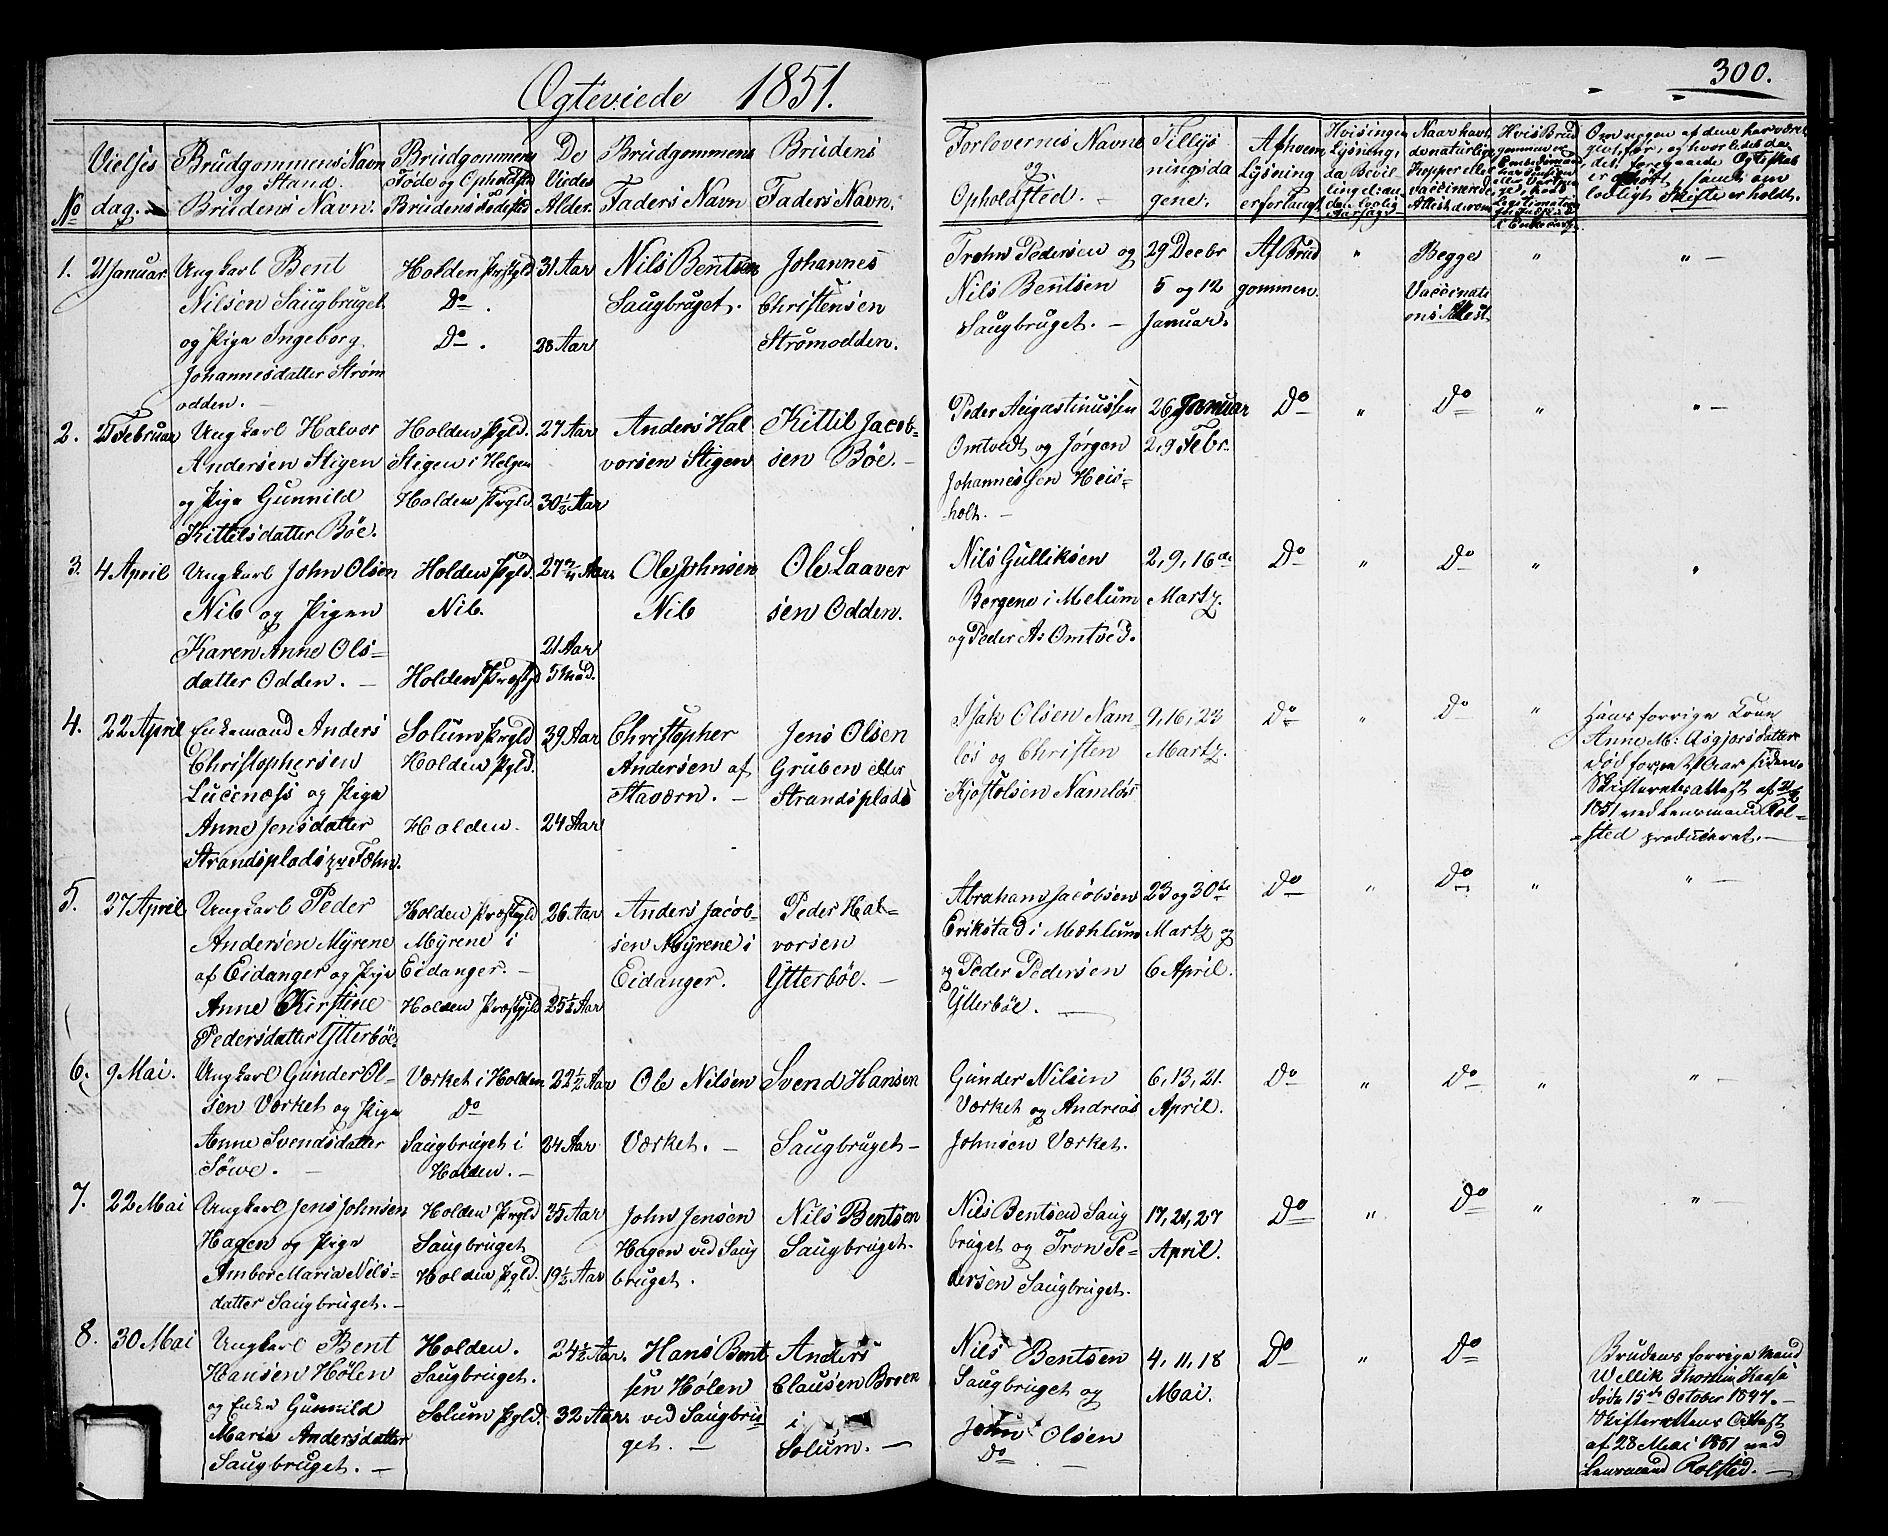 SAKO, Holla kirkebøker, G/Ga/L0003: Klokkerbok nr. I 3, 1849-1866, s. 300